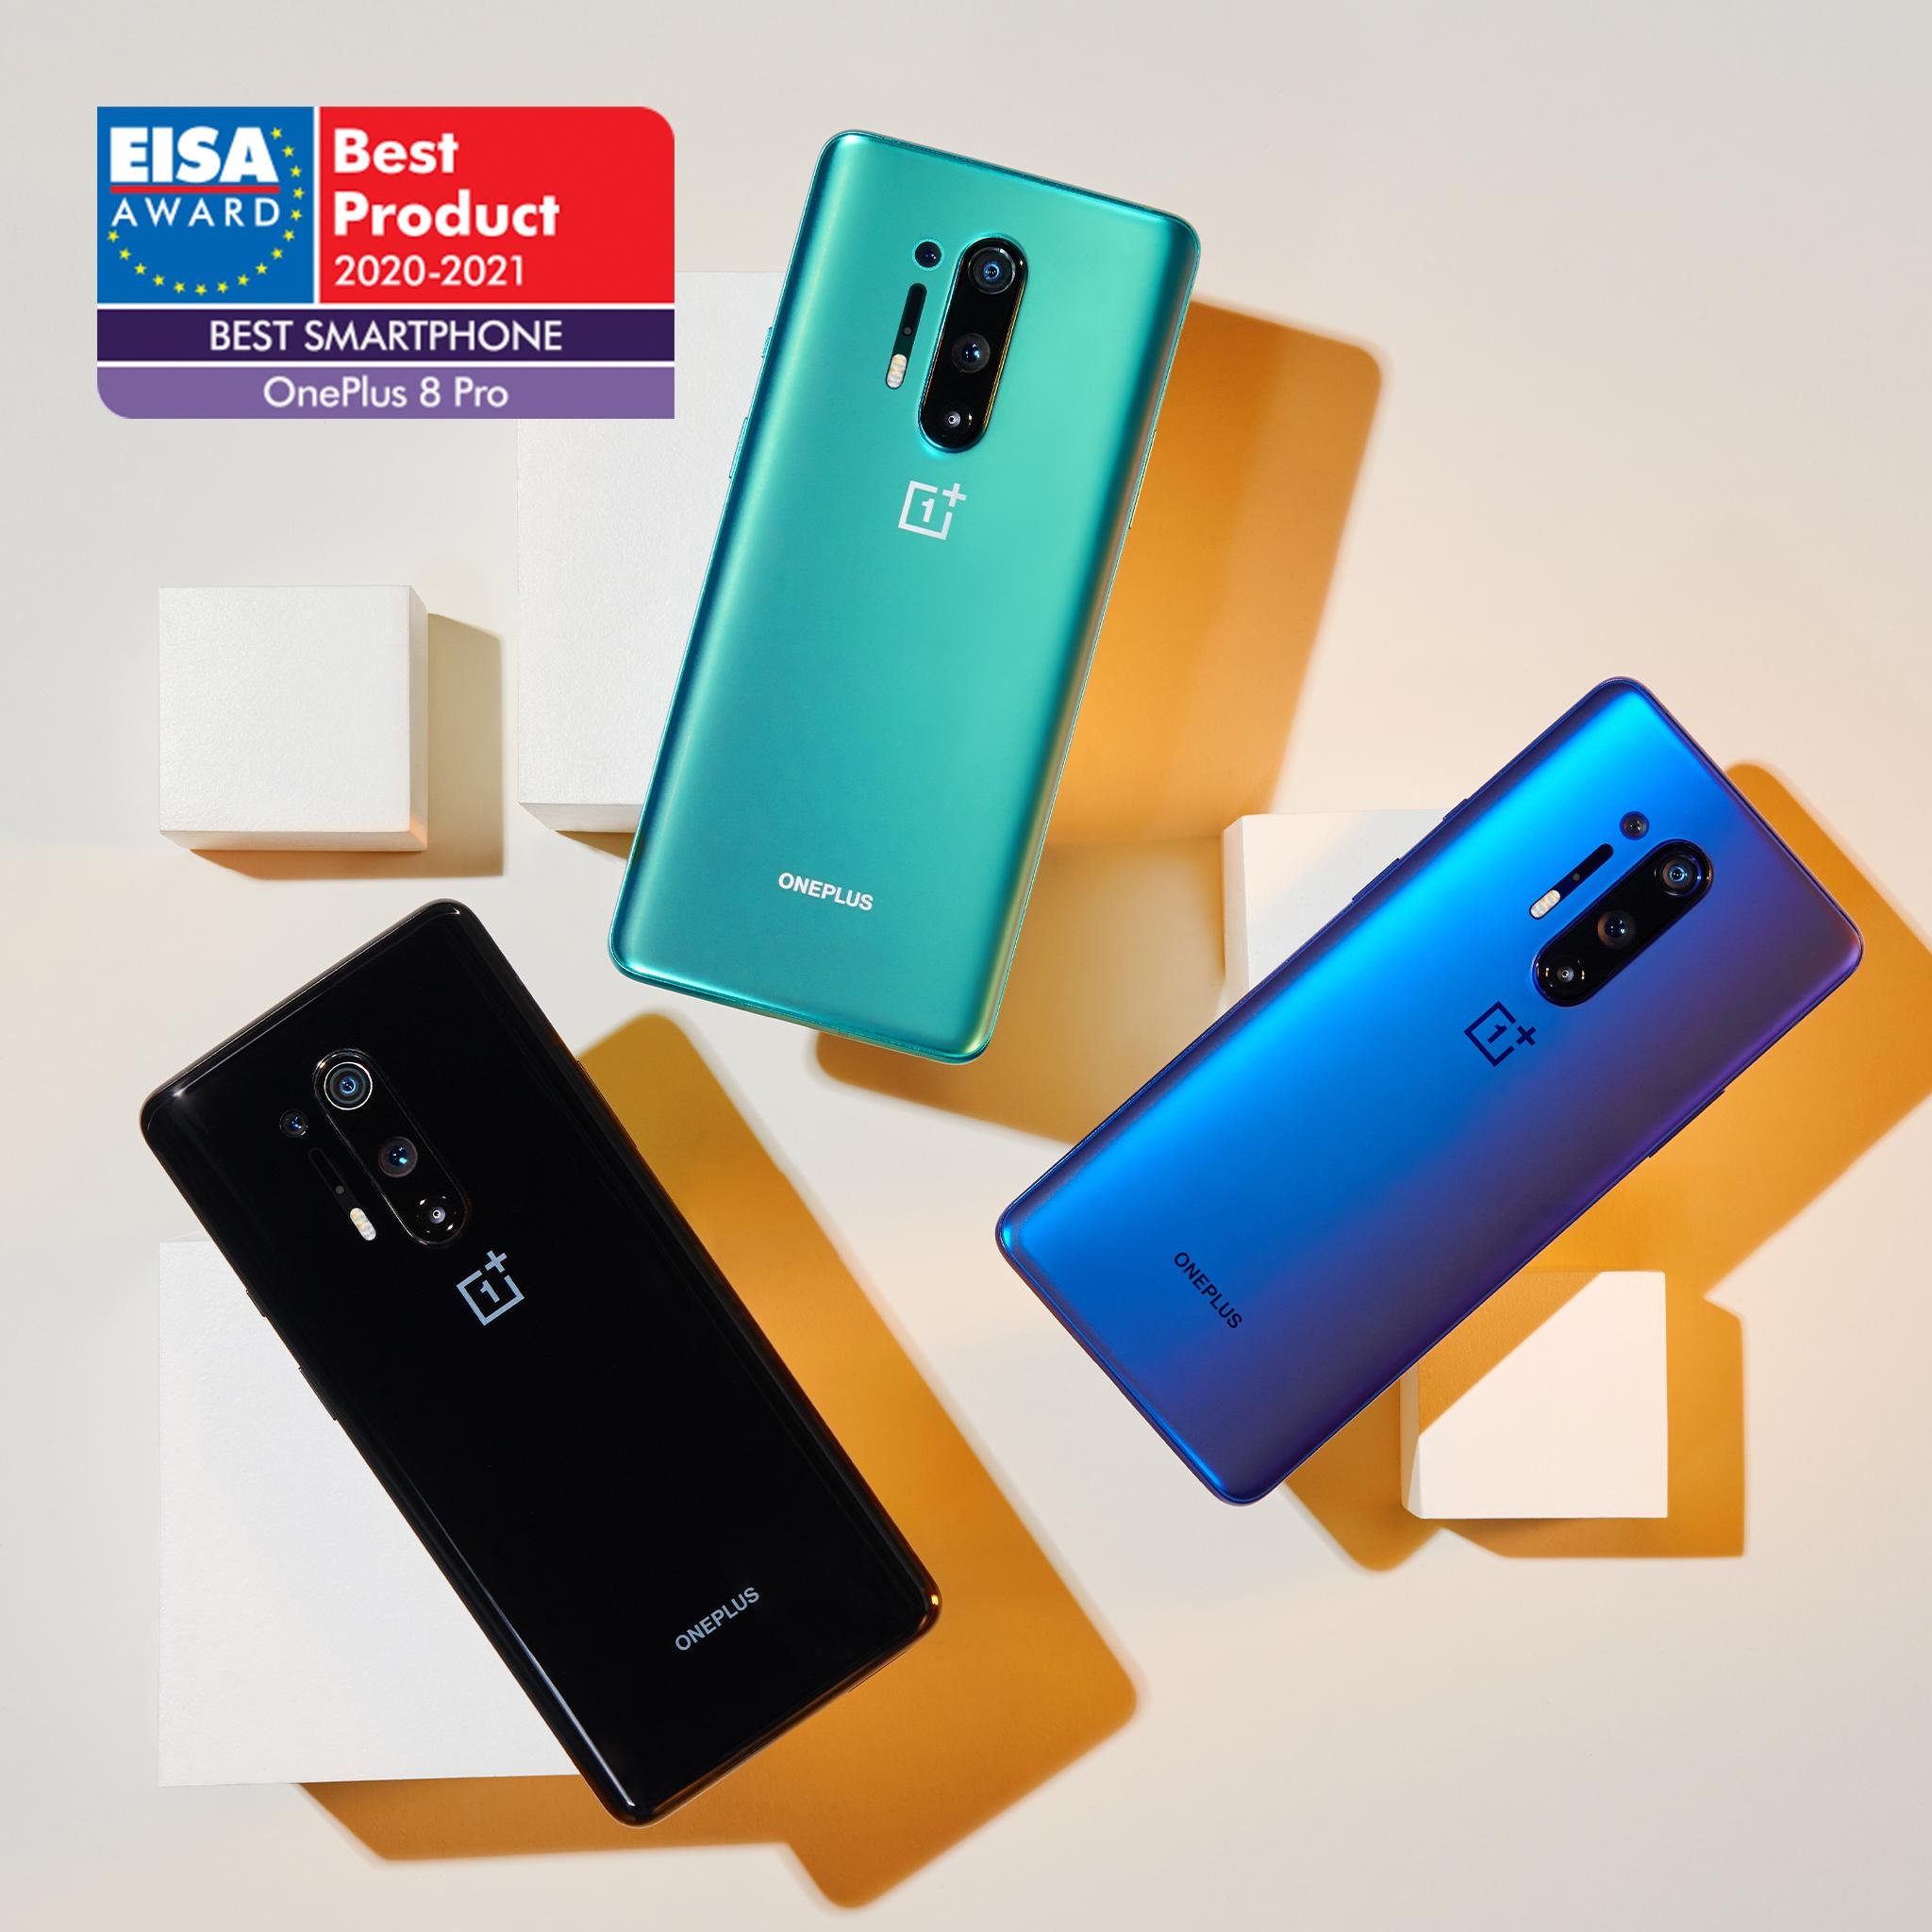 EISA AWARD One Plus 8 Pro (3)